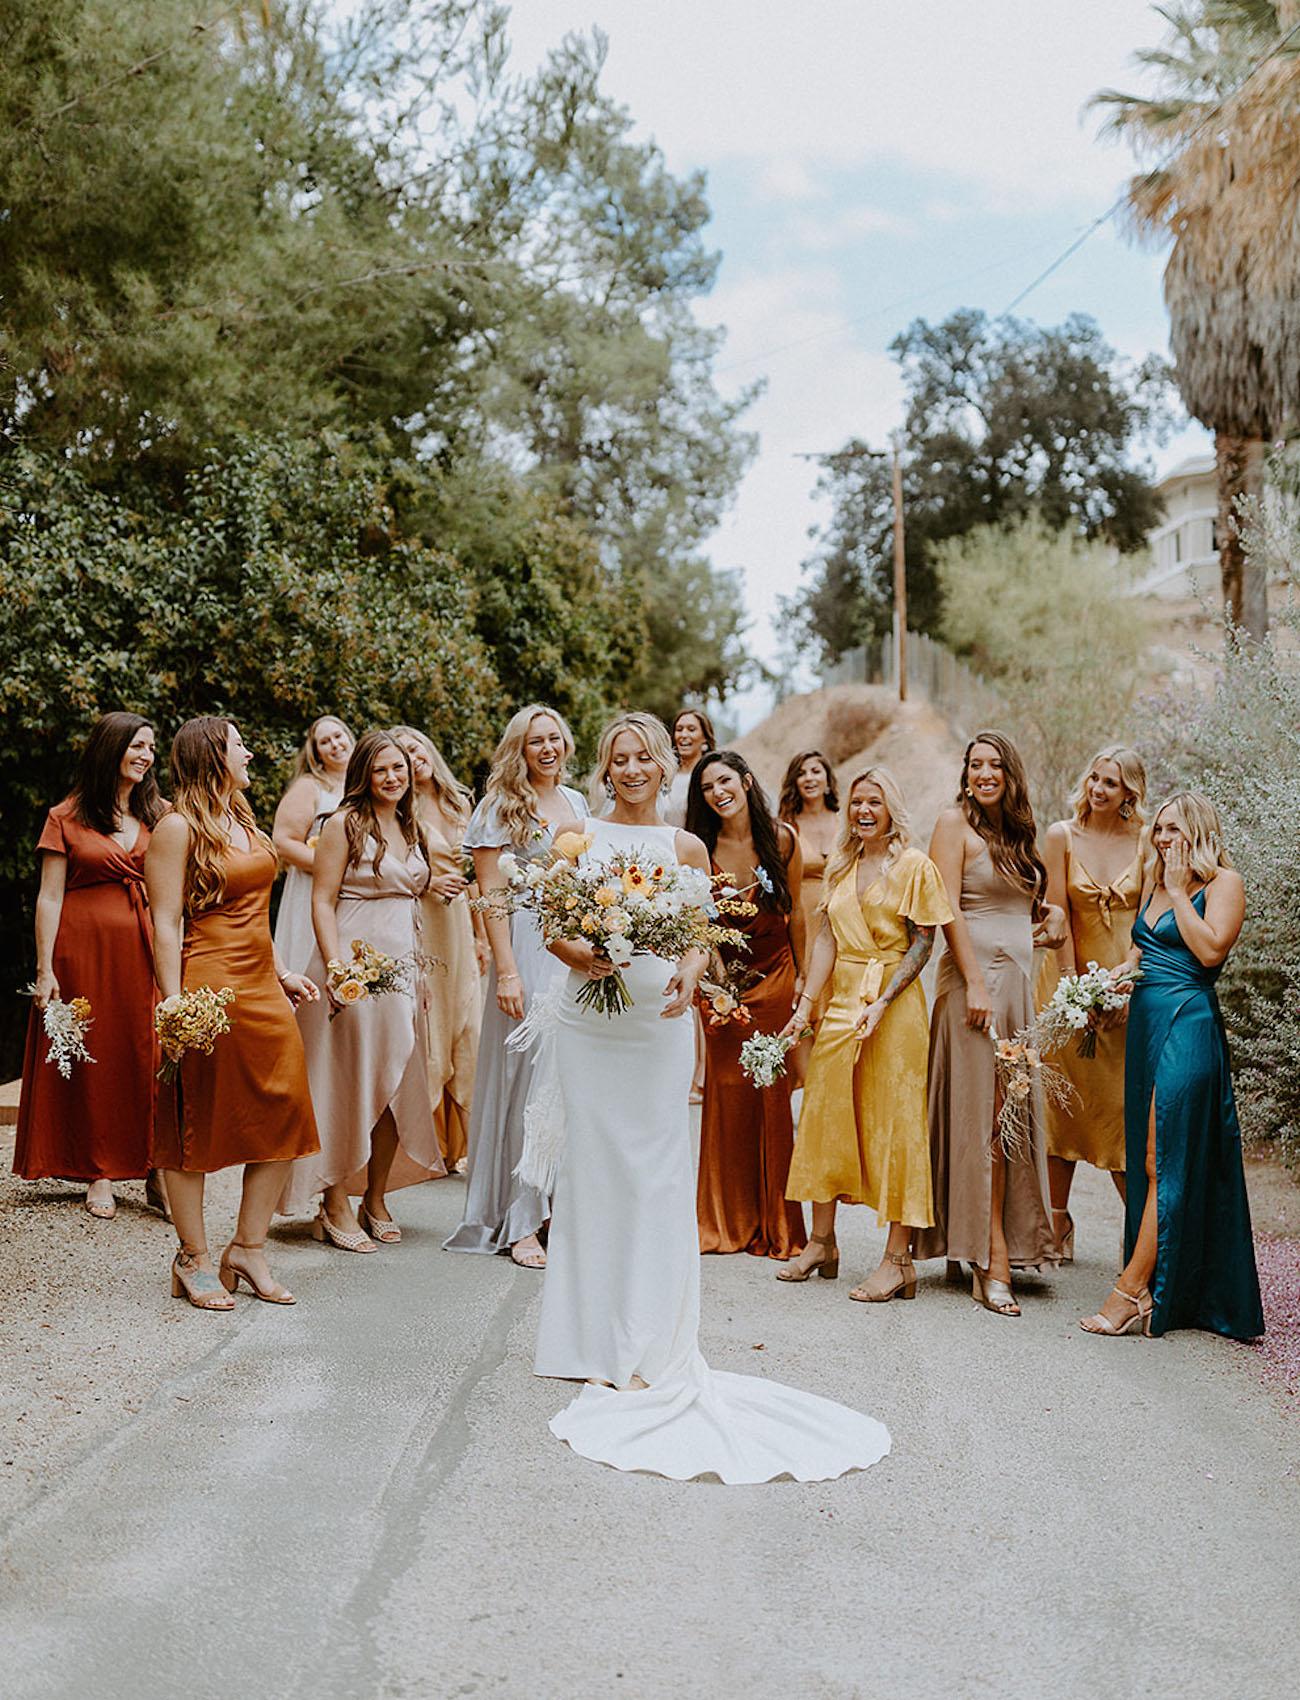 Fall bridesmaids